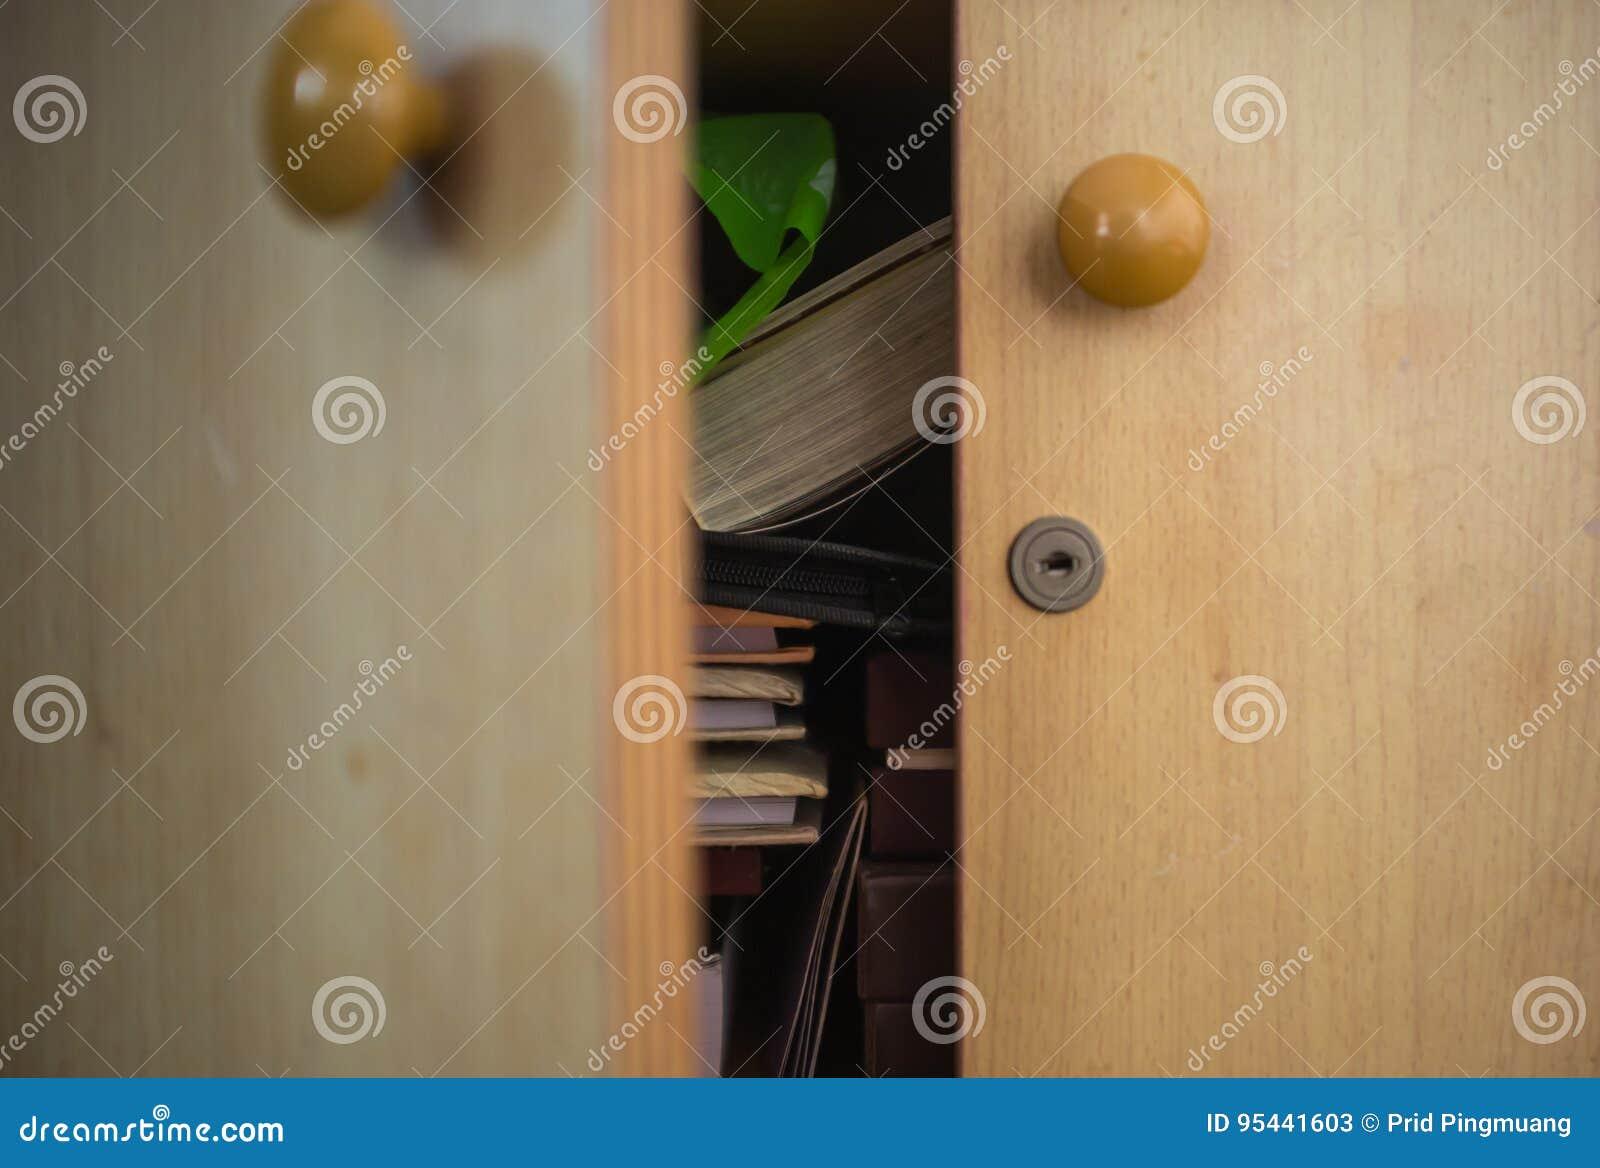 Open wooden locker